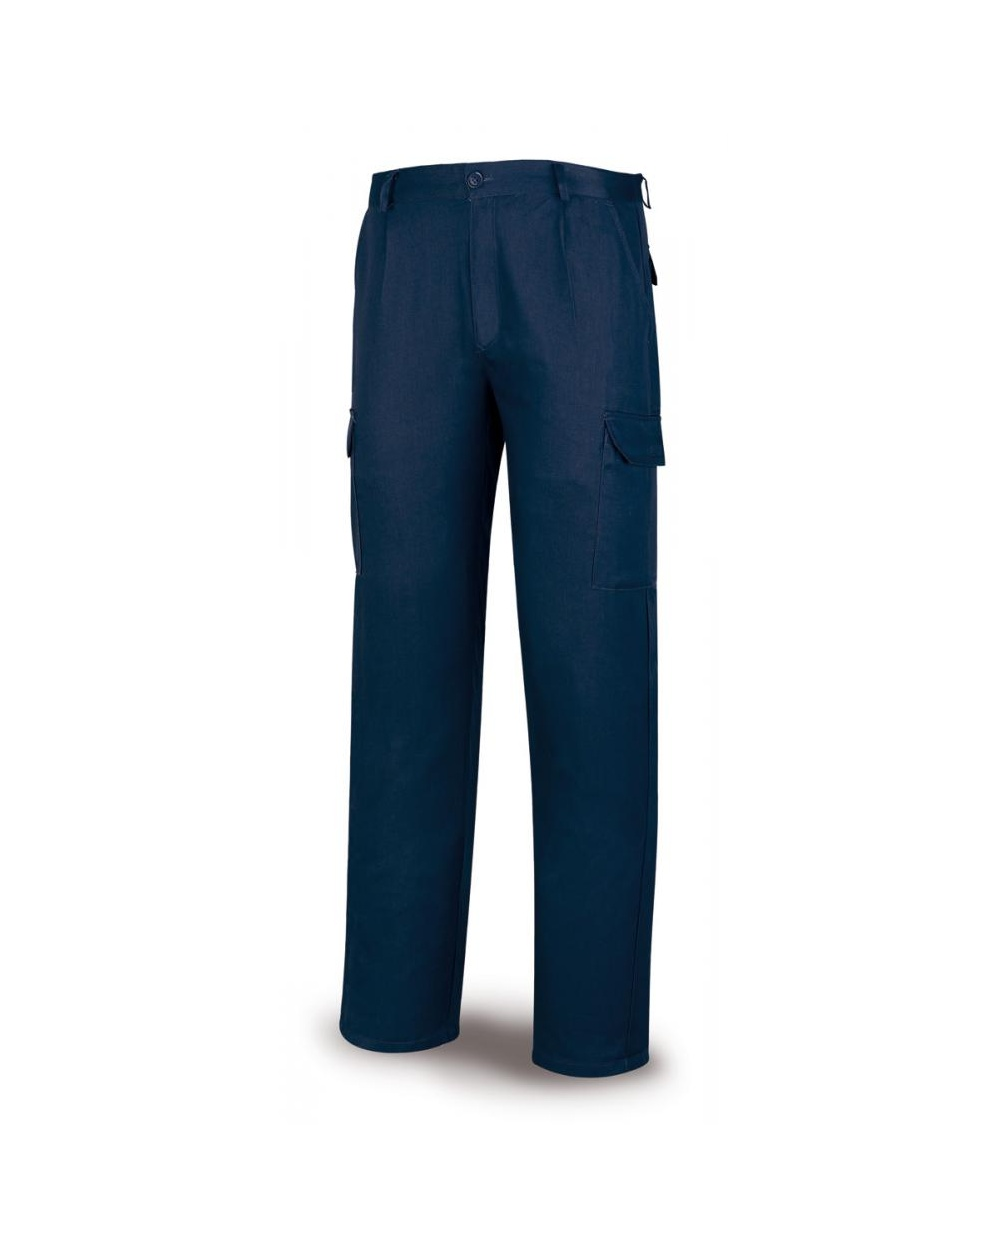 Comprar Pantalón Tergal Azul Marino 388-Pam barato